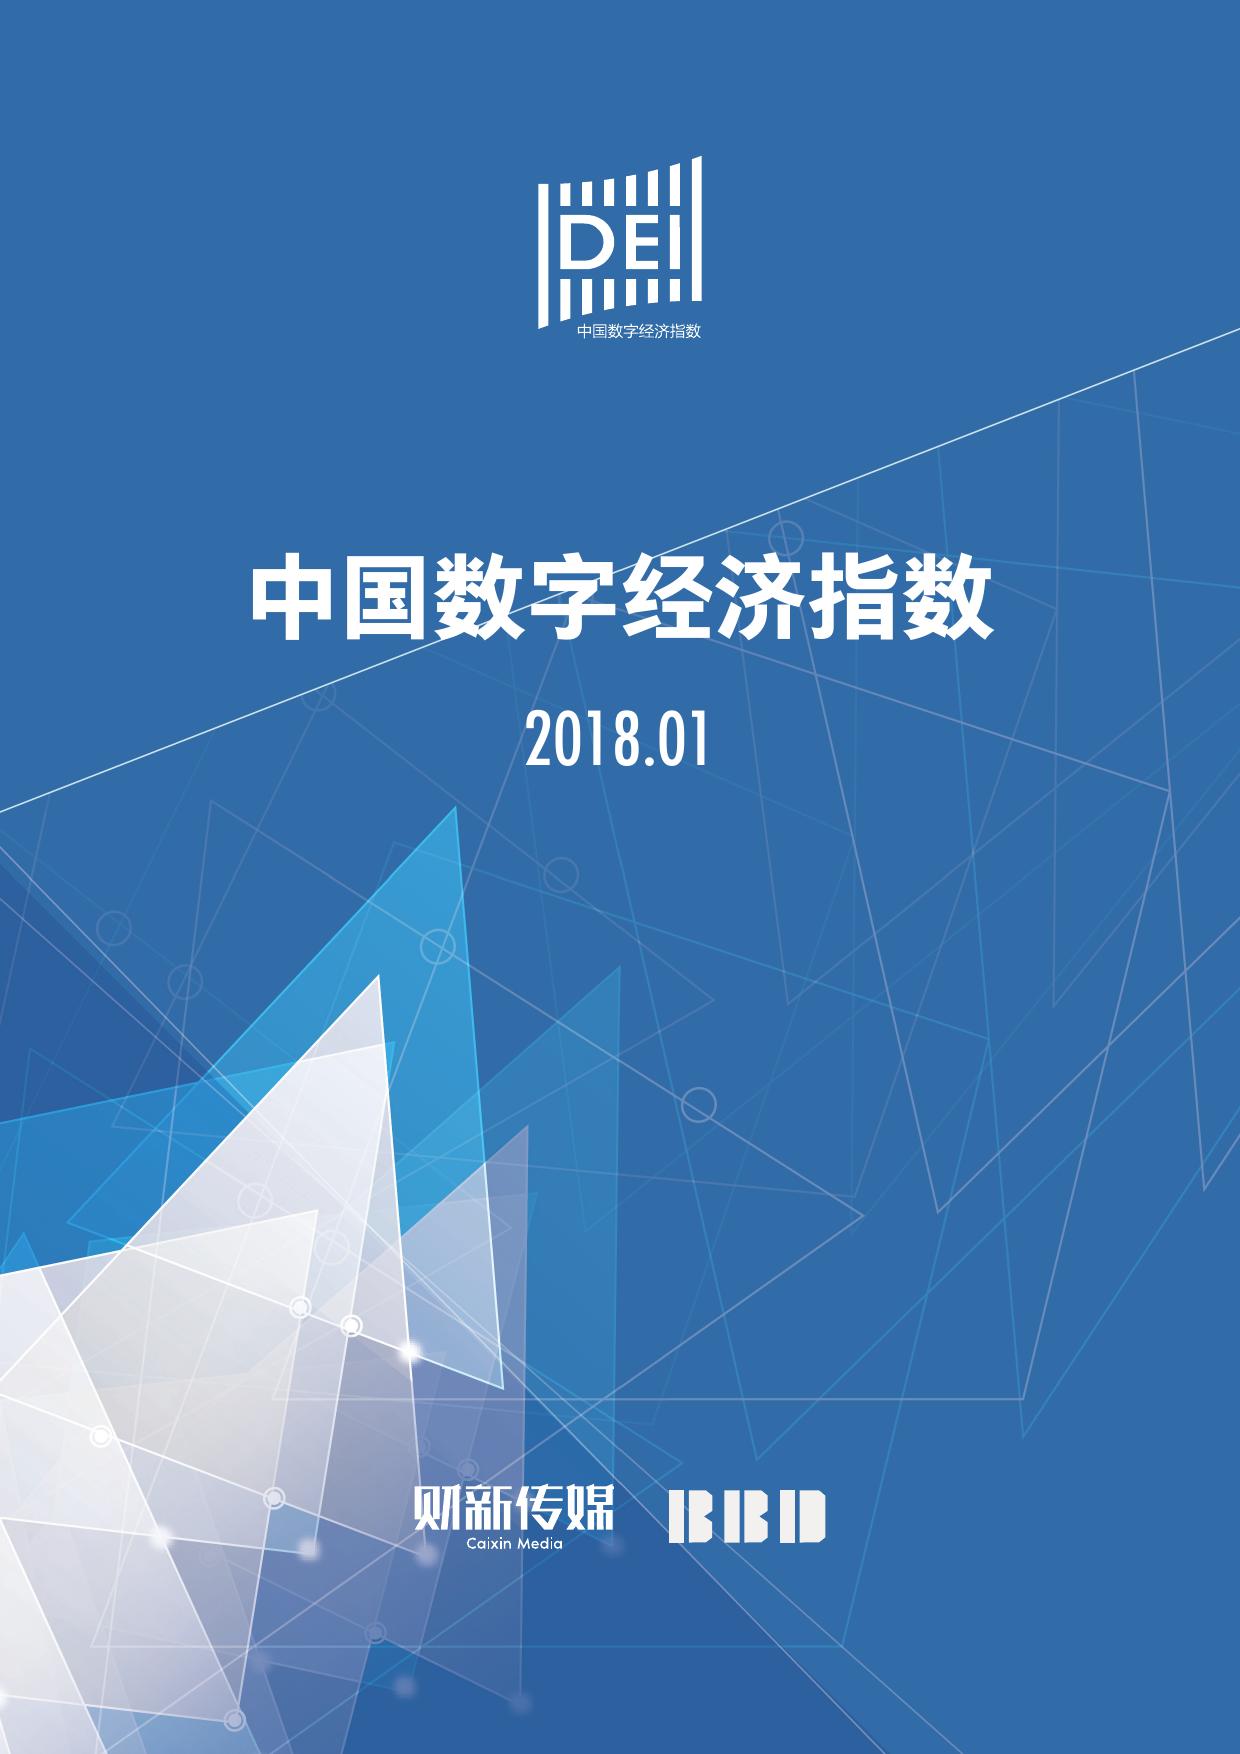 财新传媒:2018年1月中国数字经济指数